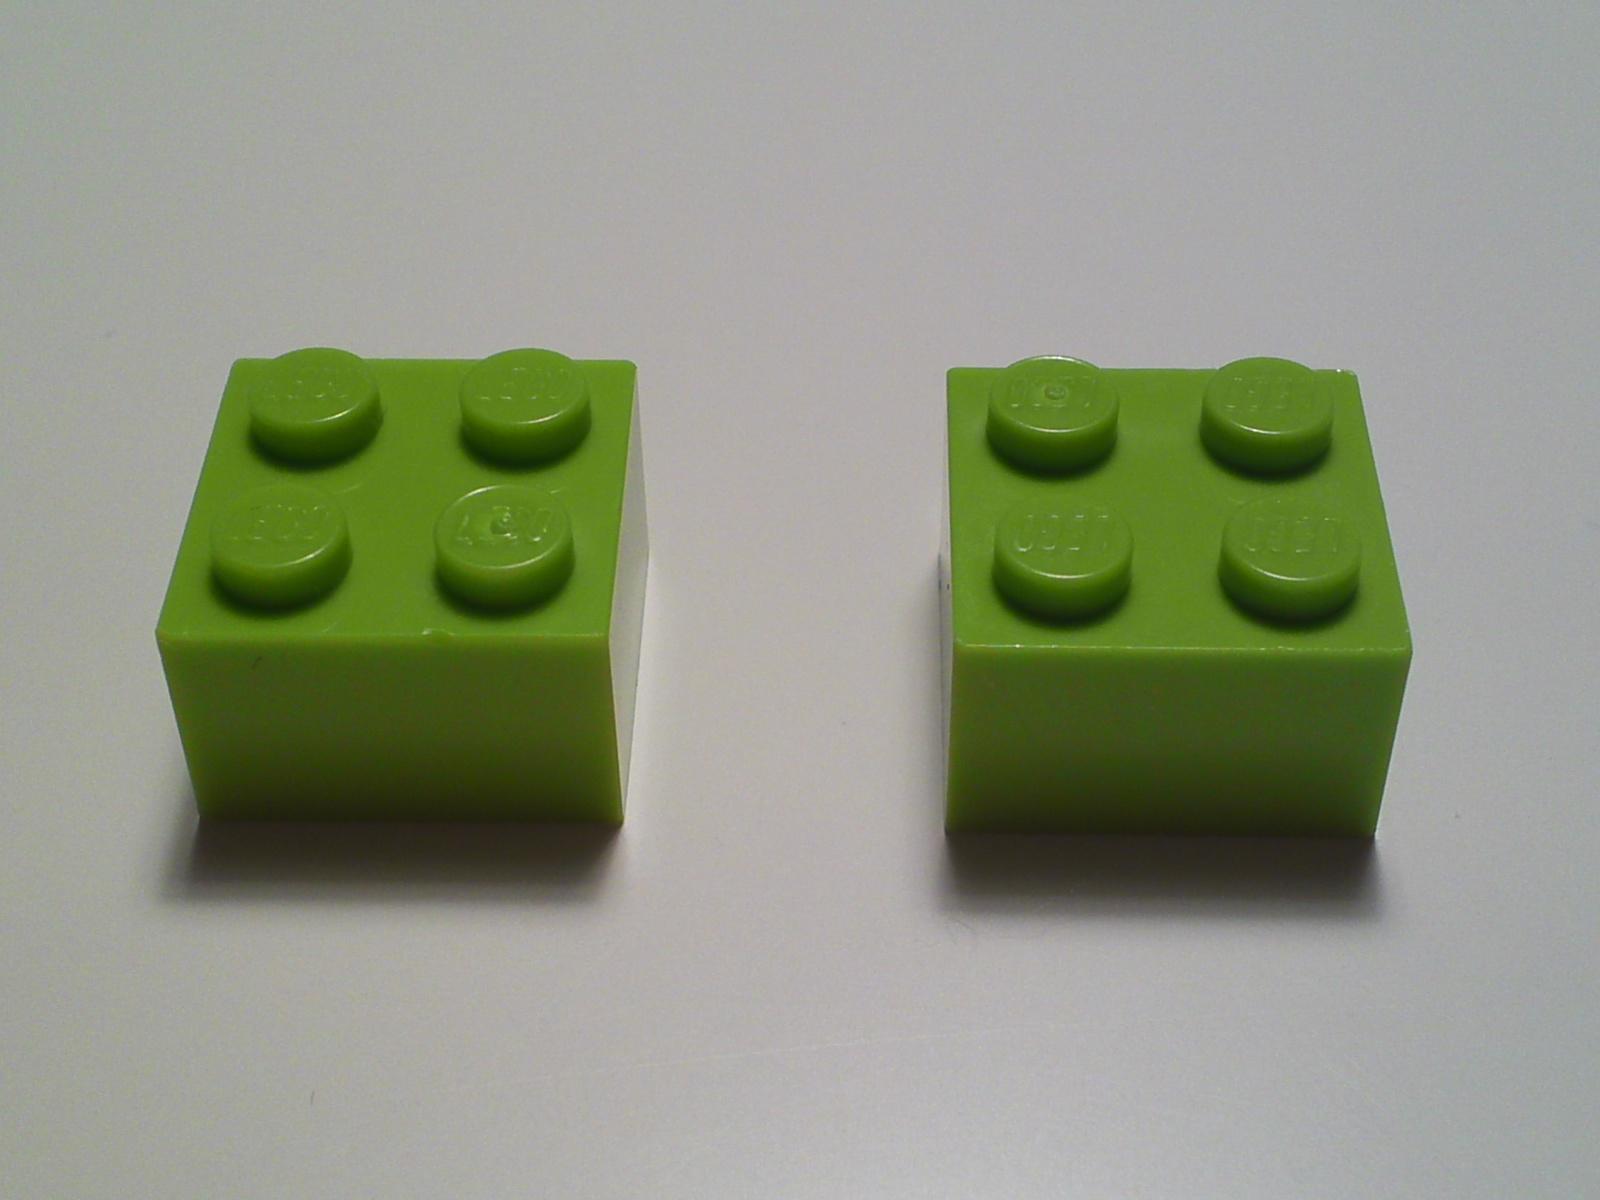 2個のレゴブロック